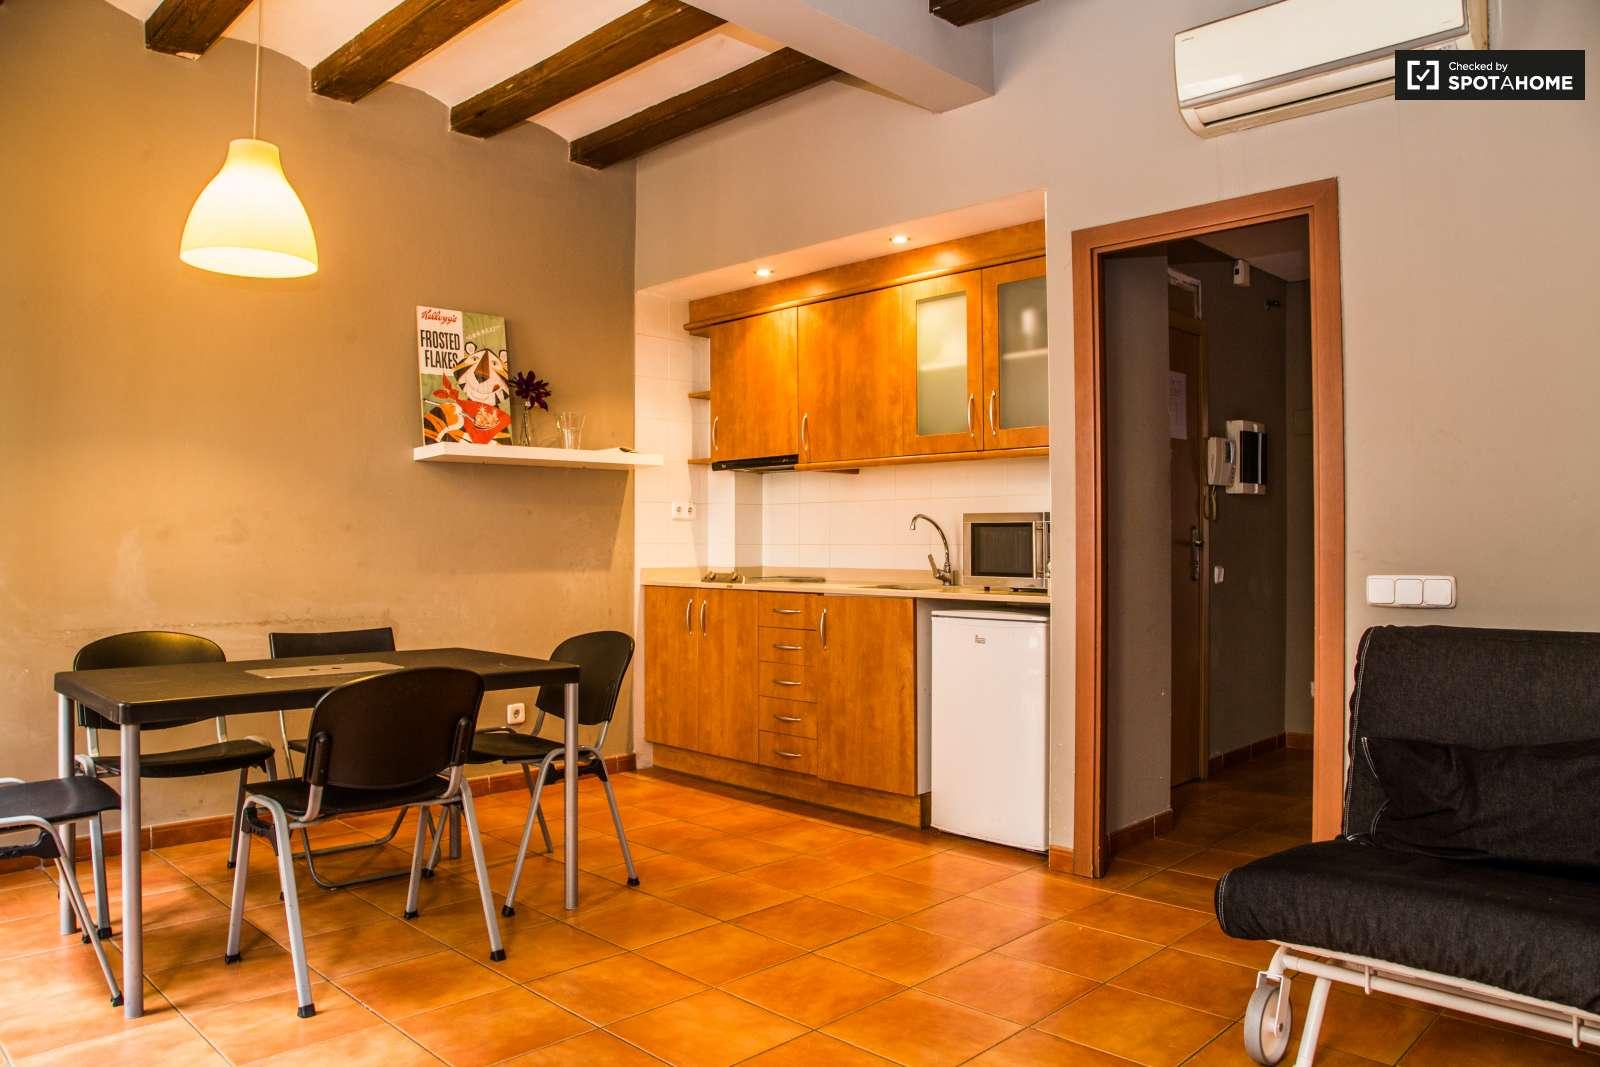 Espacioso piso de 2 camas en alquiler el raval barcelona for Pisos de alquiler en camas